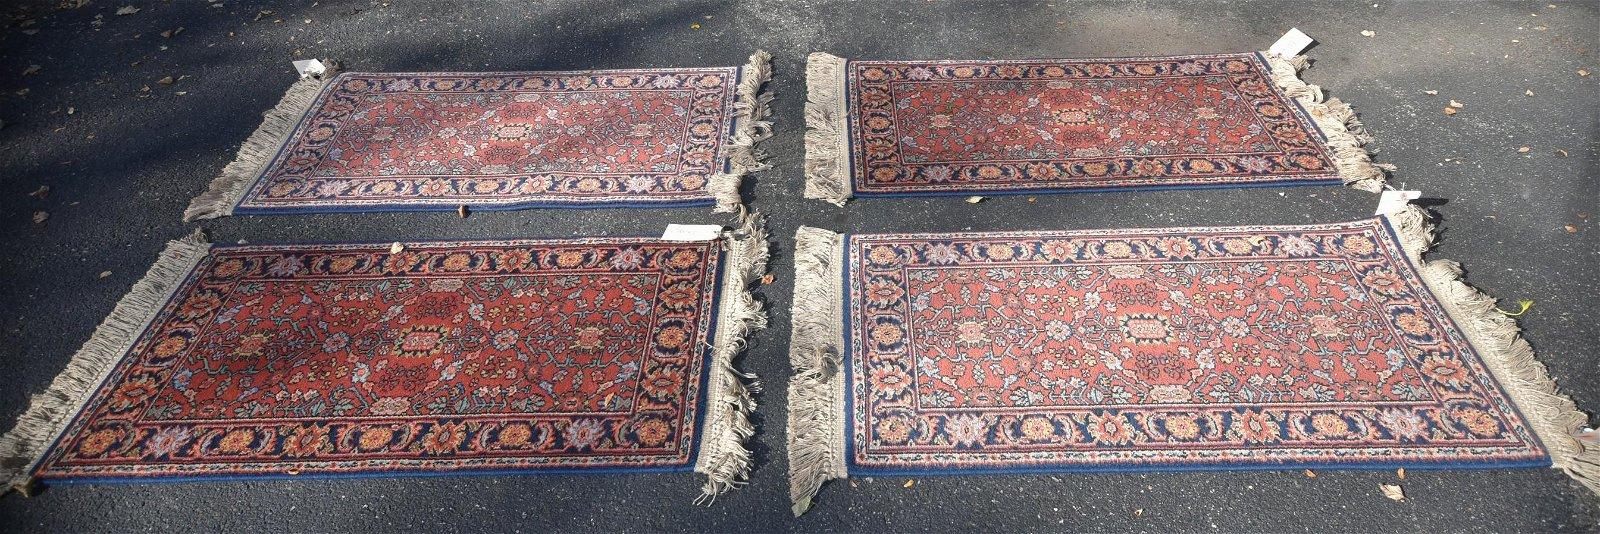 """(4) 2'2"""" x 4' Karastan Serapi rugs"""